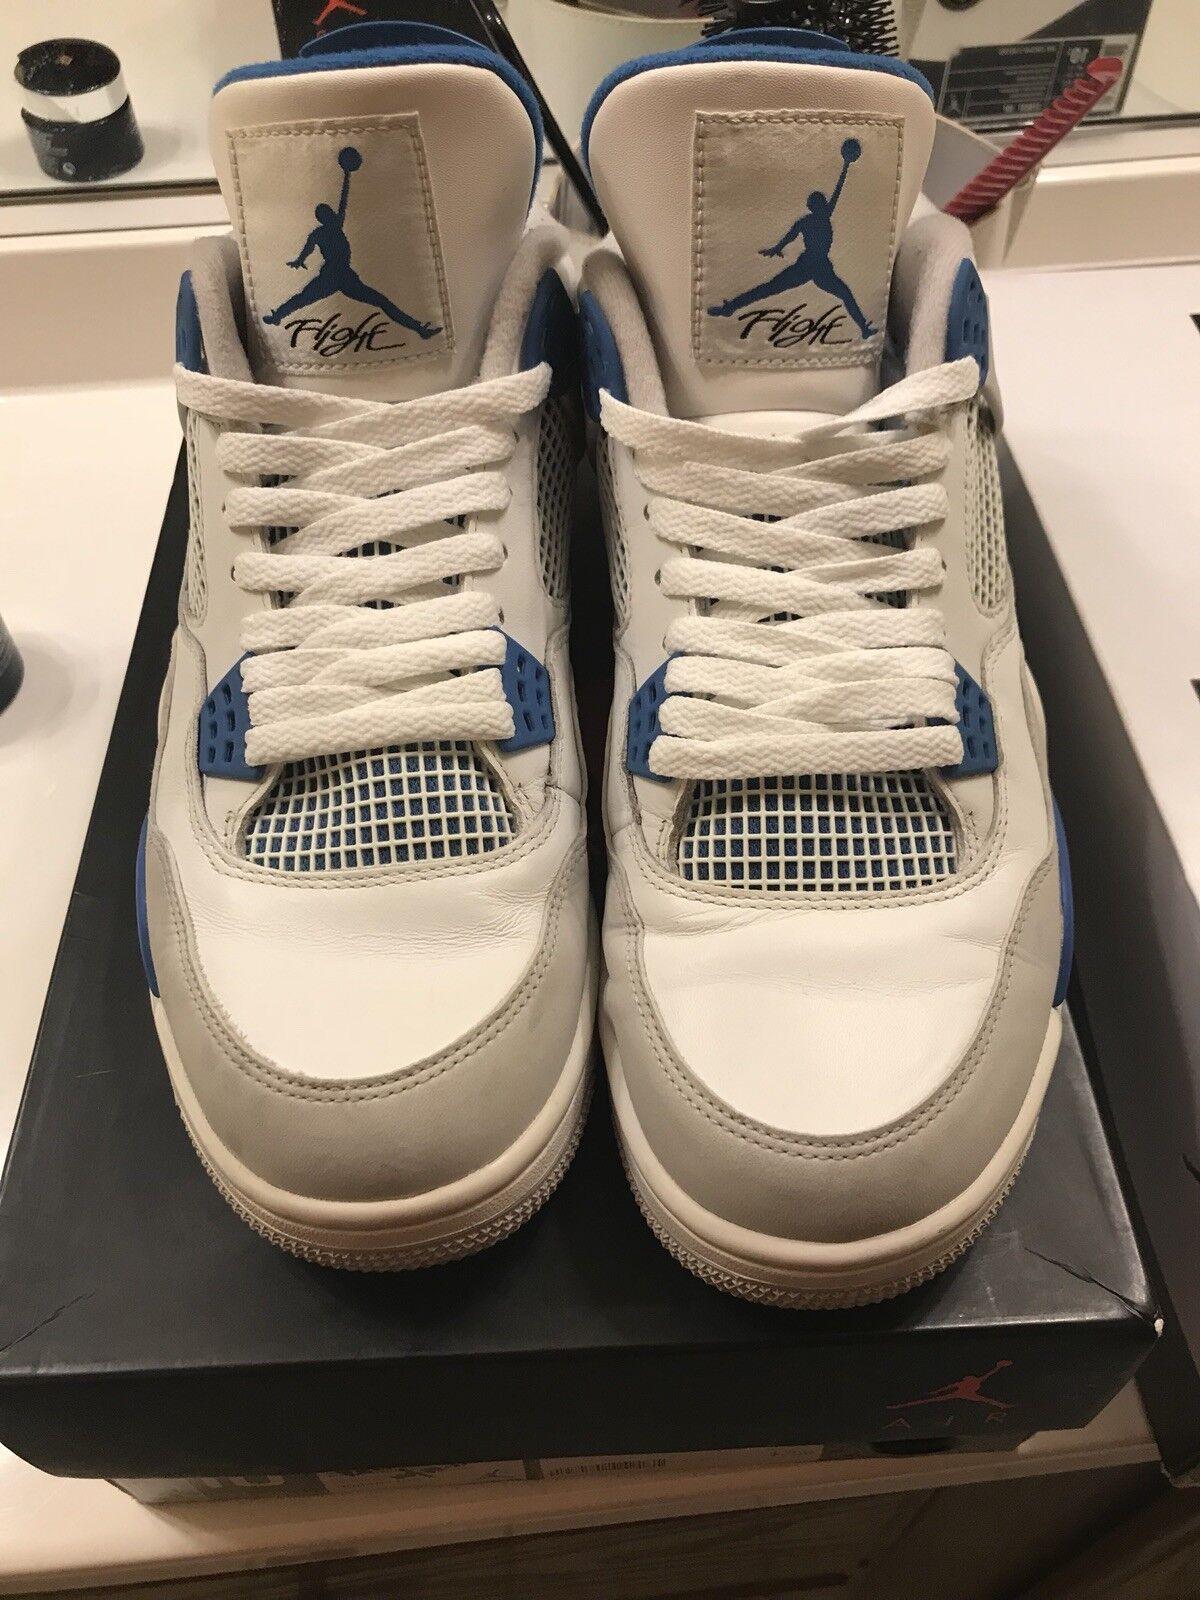 Air Jordan Jordan Jordan 4 Retro  Military Blau  2012 Release 5d1390